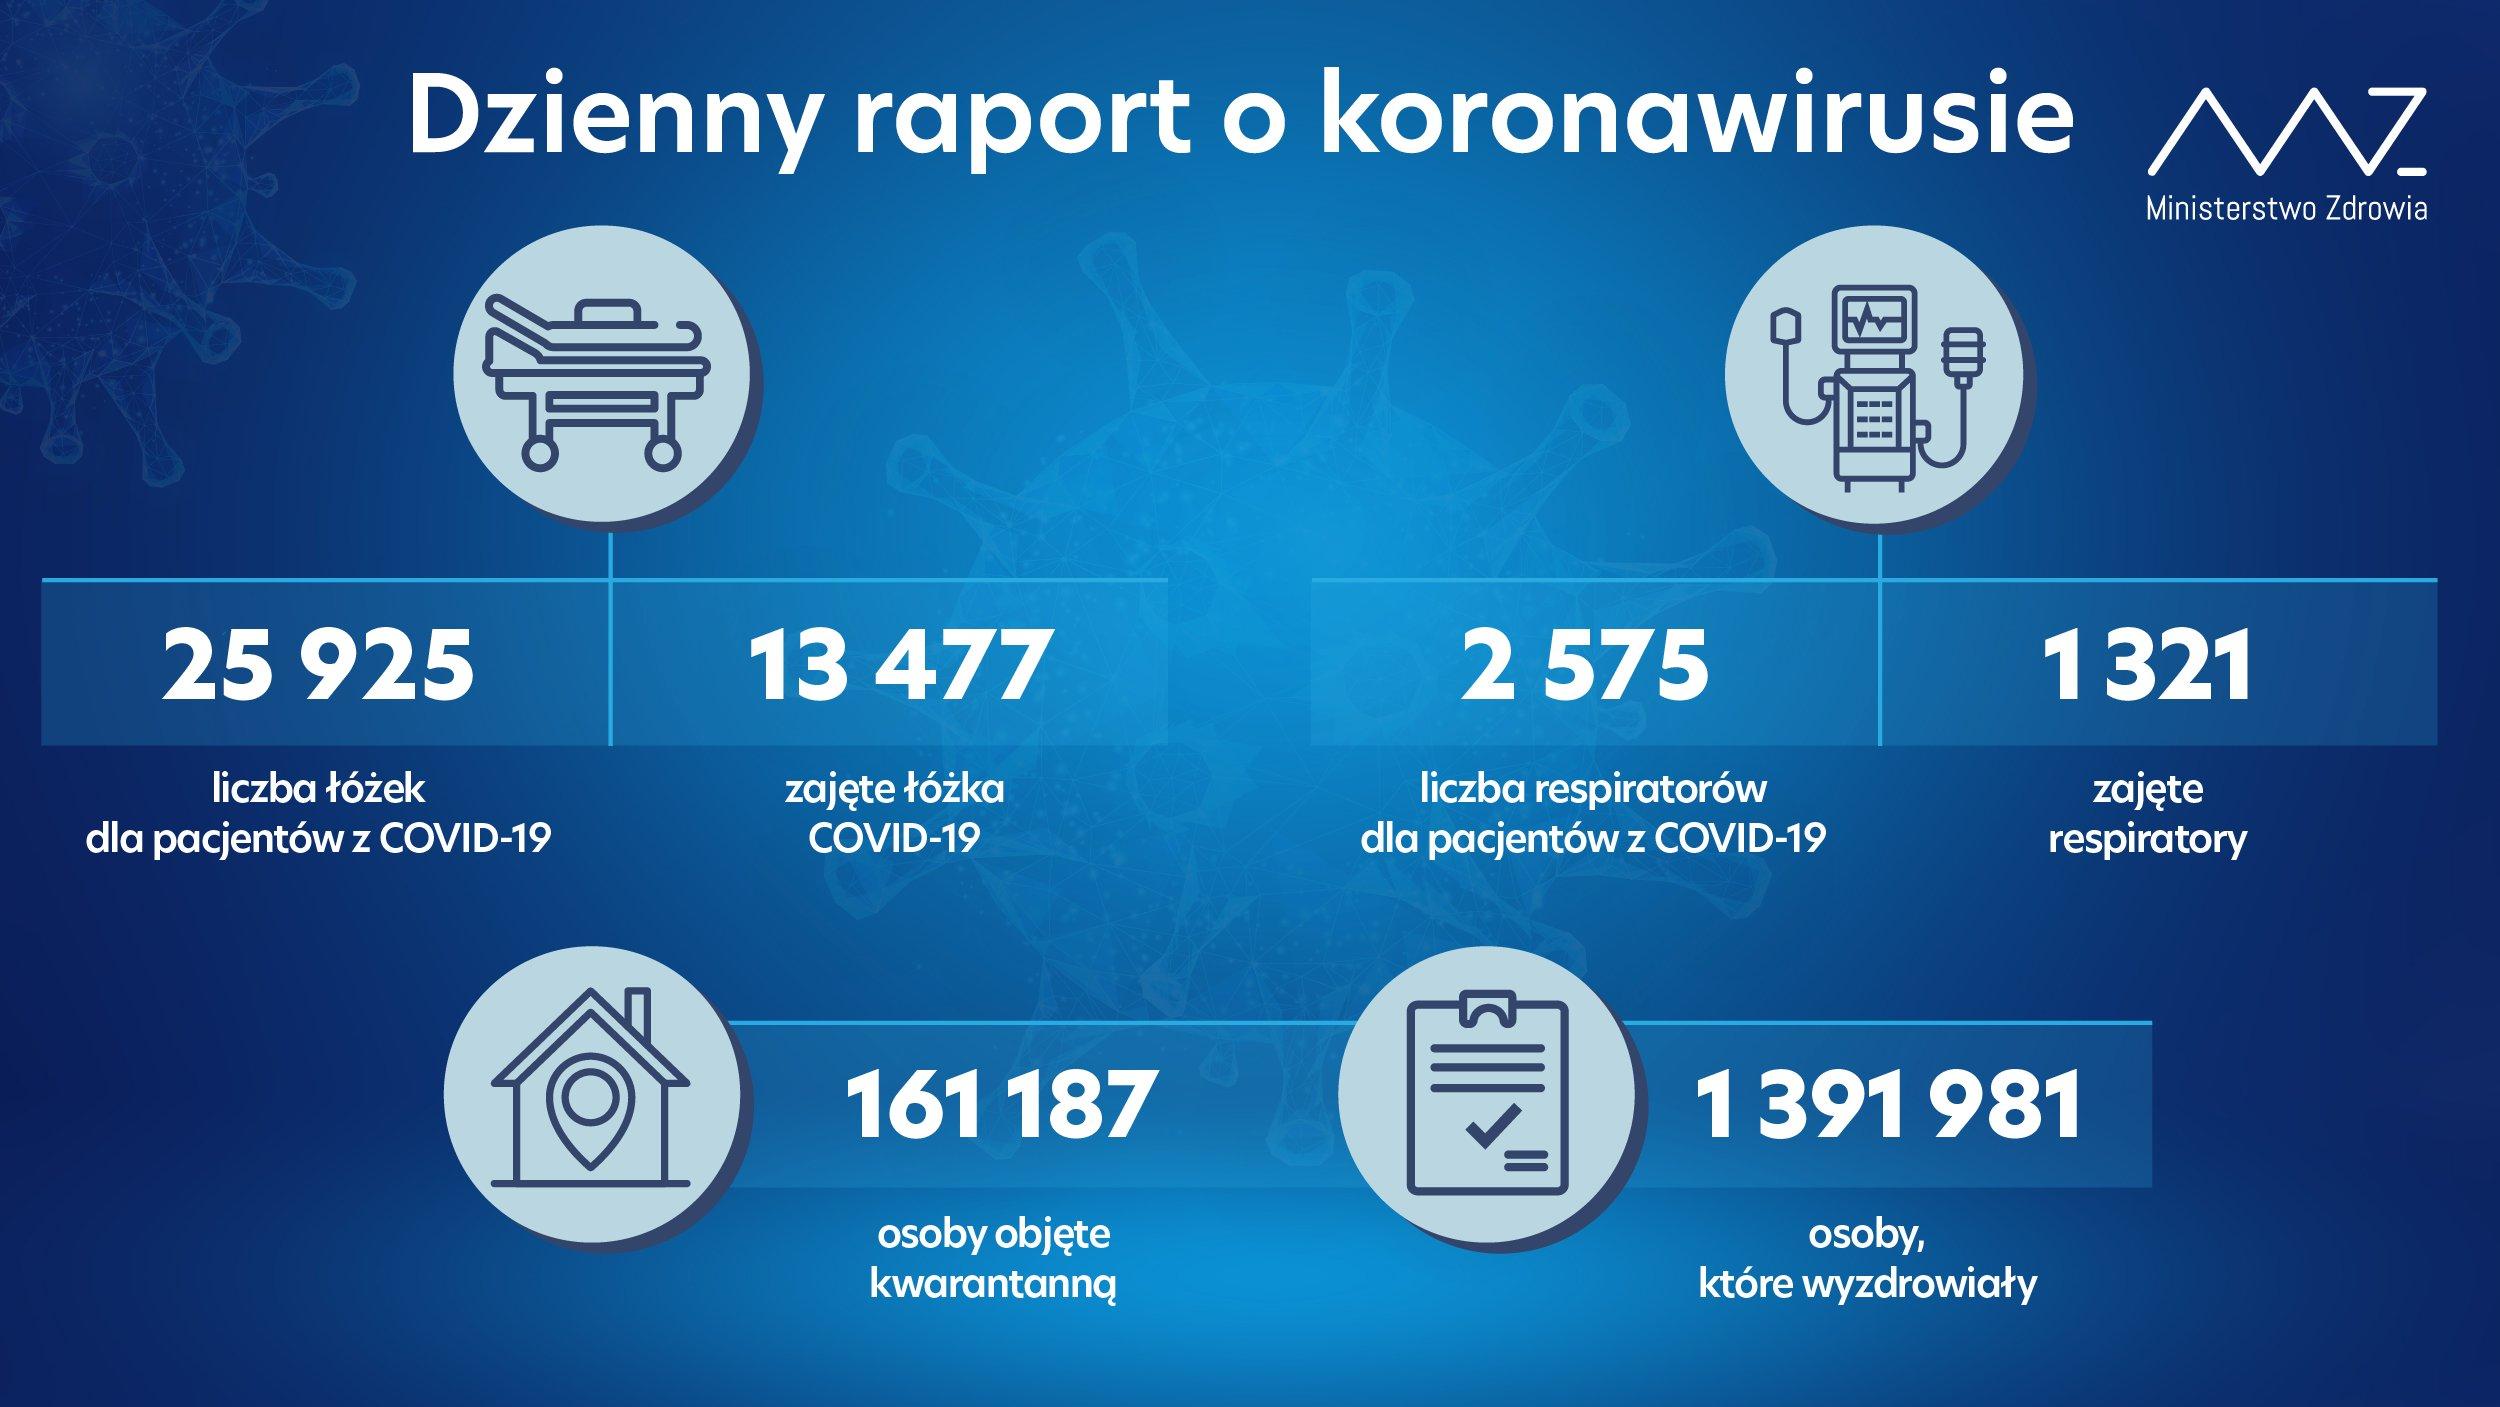 - liczba łóżek dla pacjentów z COVID-19: 25 925 - liczba łóżek zajętych: 13 477 - liczba respiratorów dla pacjentów z COVID-19: 2 575  - liczba zajętych respiratorów: 1 321  - liczba osób objętych kwarantanną: 161 187 - liczba osób, które wyzdrowiały: 1 391 981